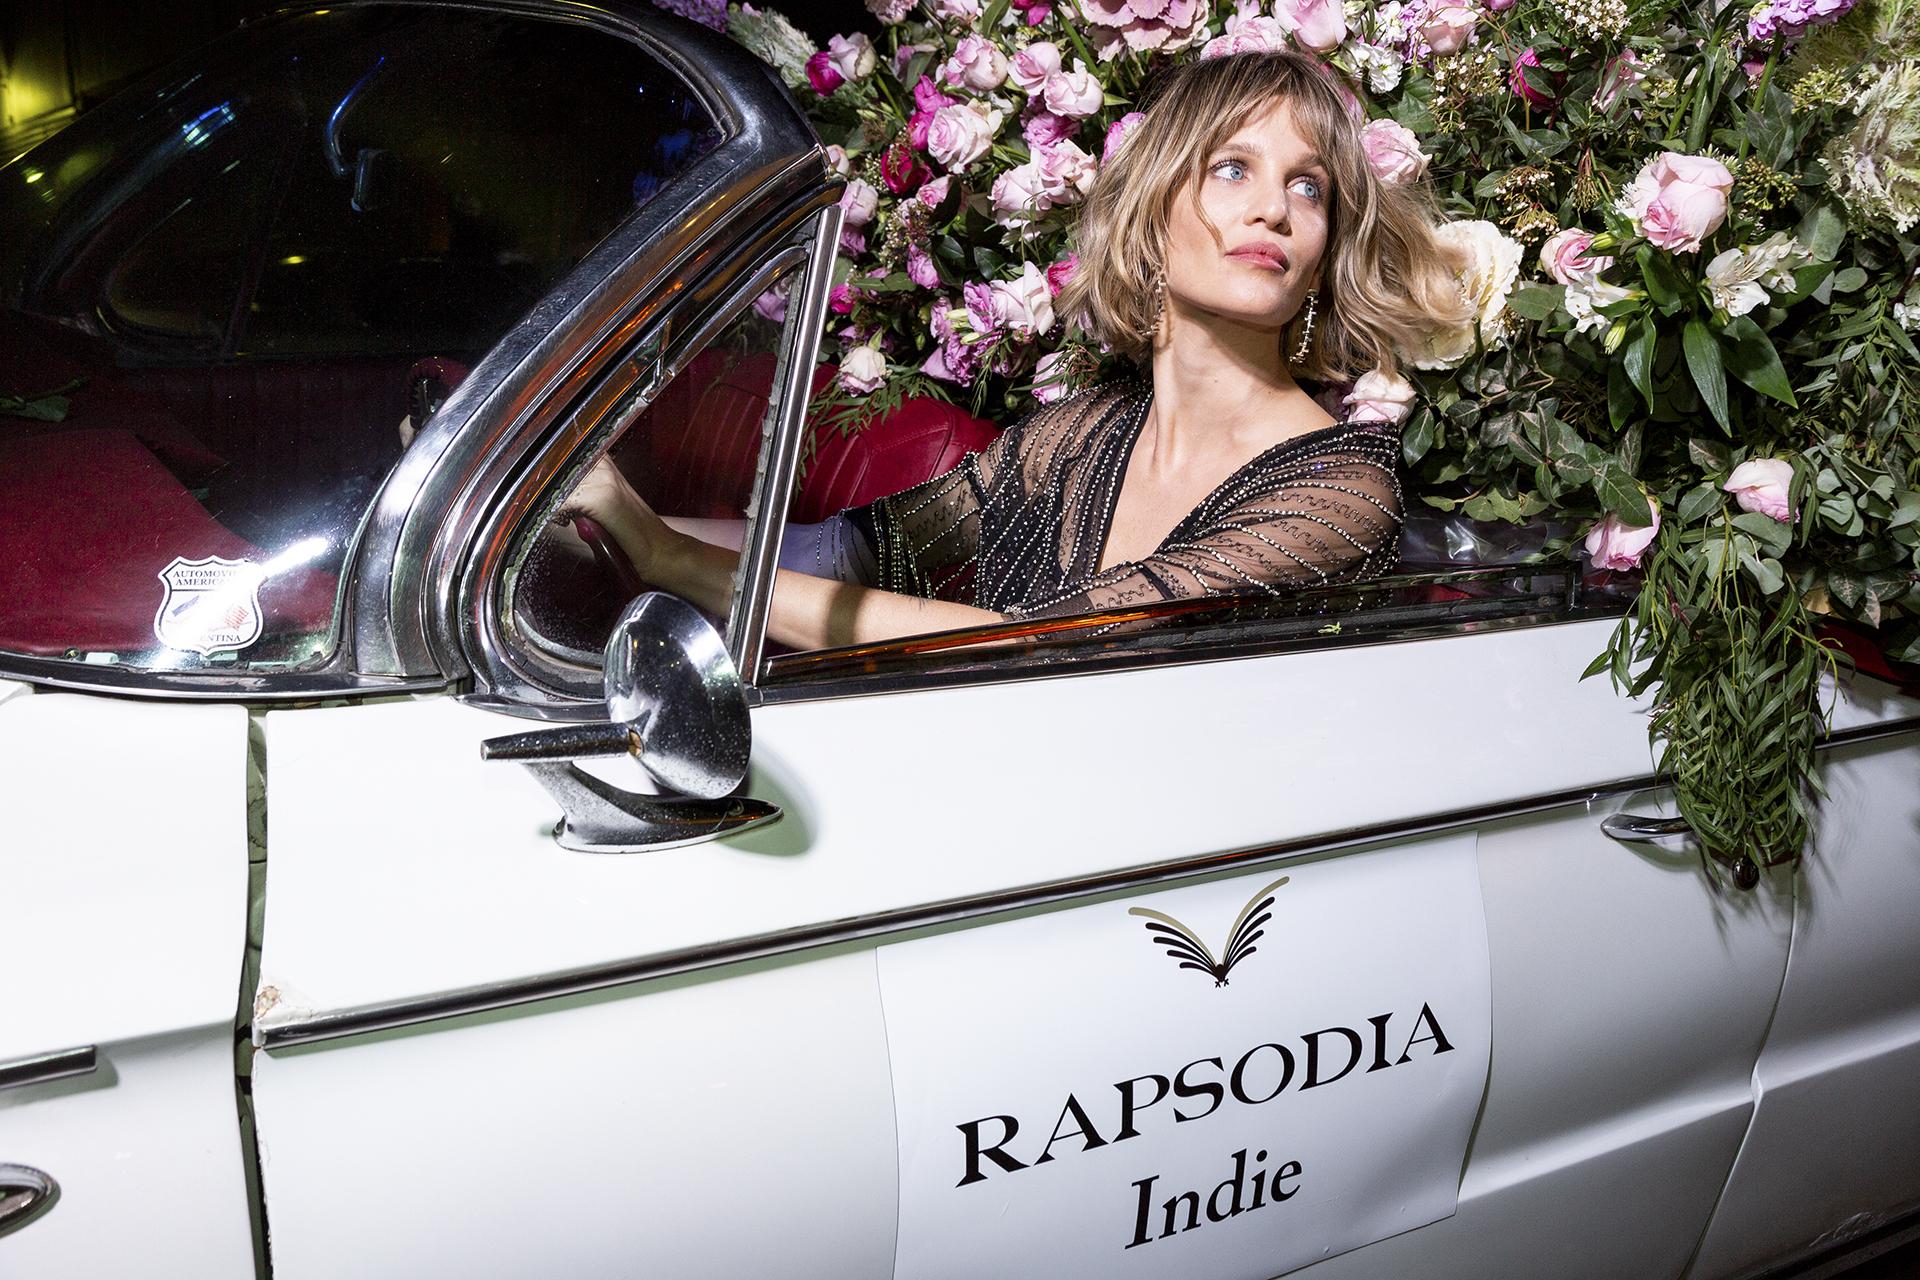 Liz Solari rodeada de flores en el auto de Rapsodia Indie